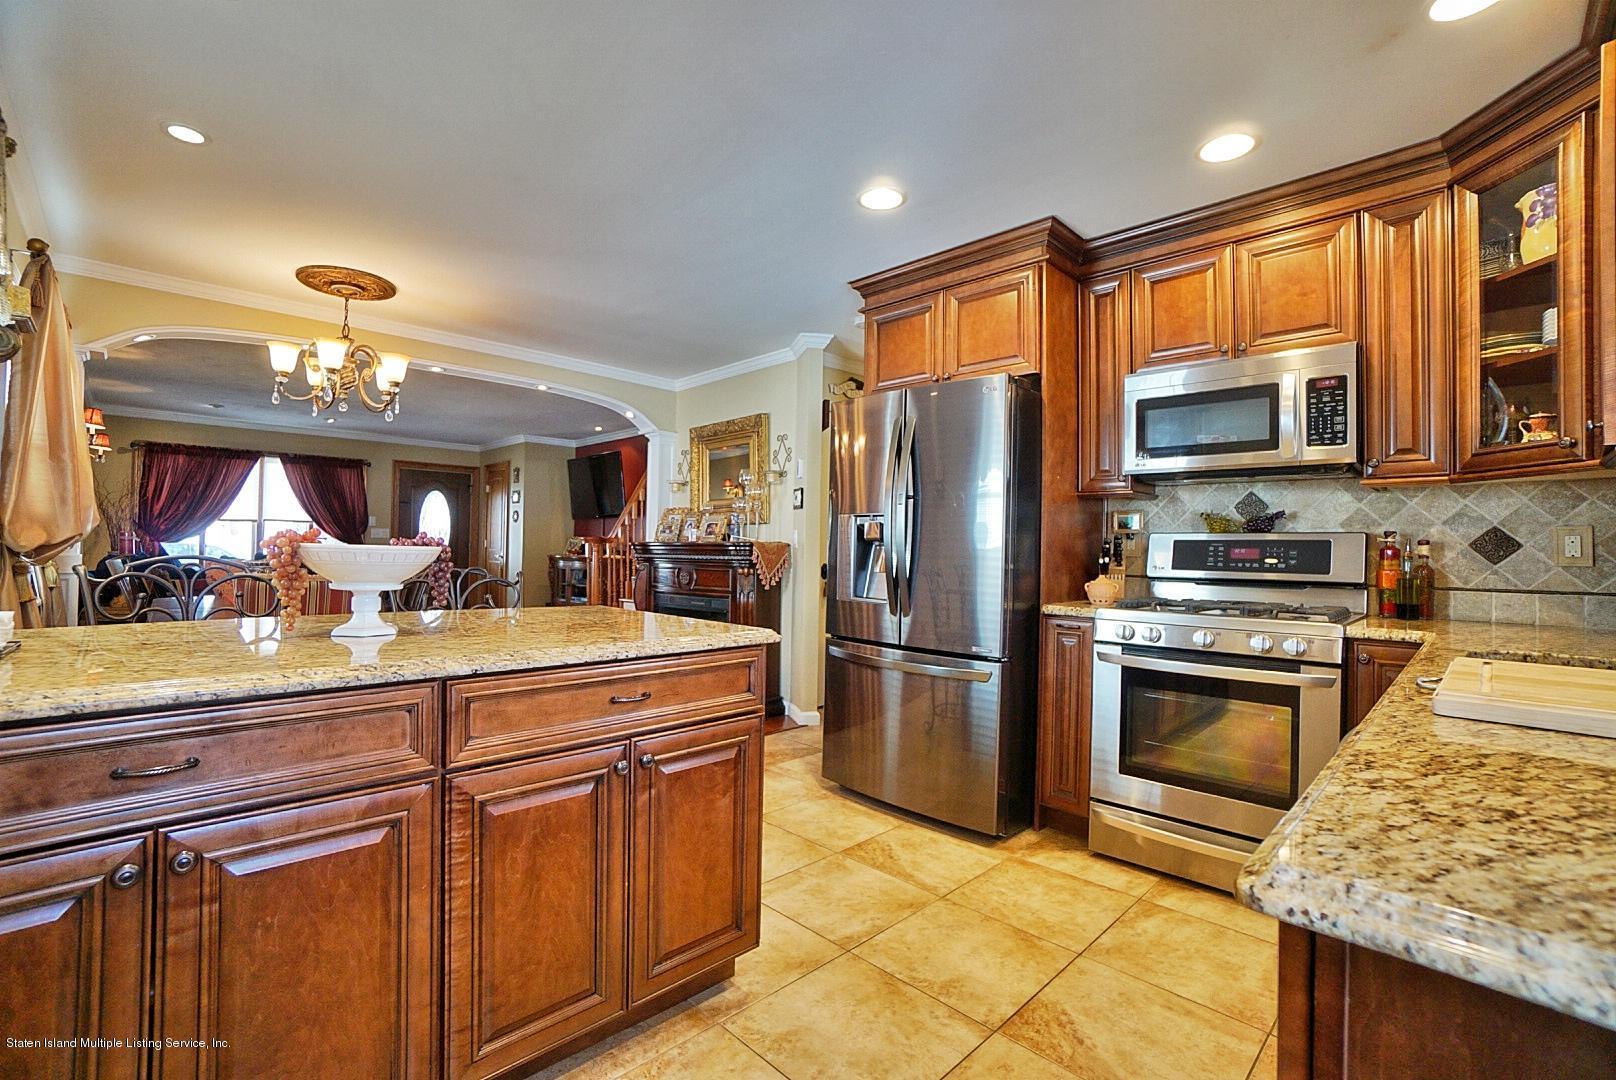 Single Family - Semi-Attached 366 Fairbanks Avenue  Staten Island, NY 10306, MLS-1127458-16